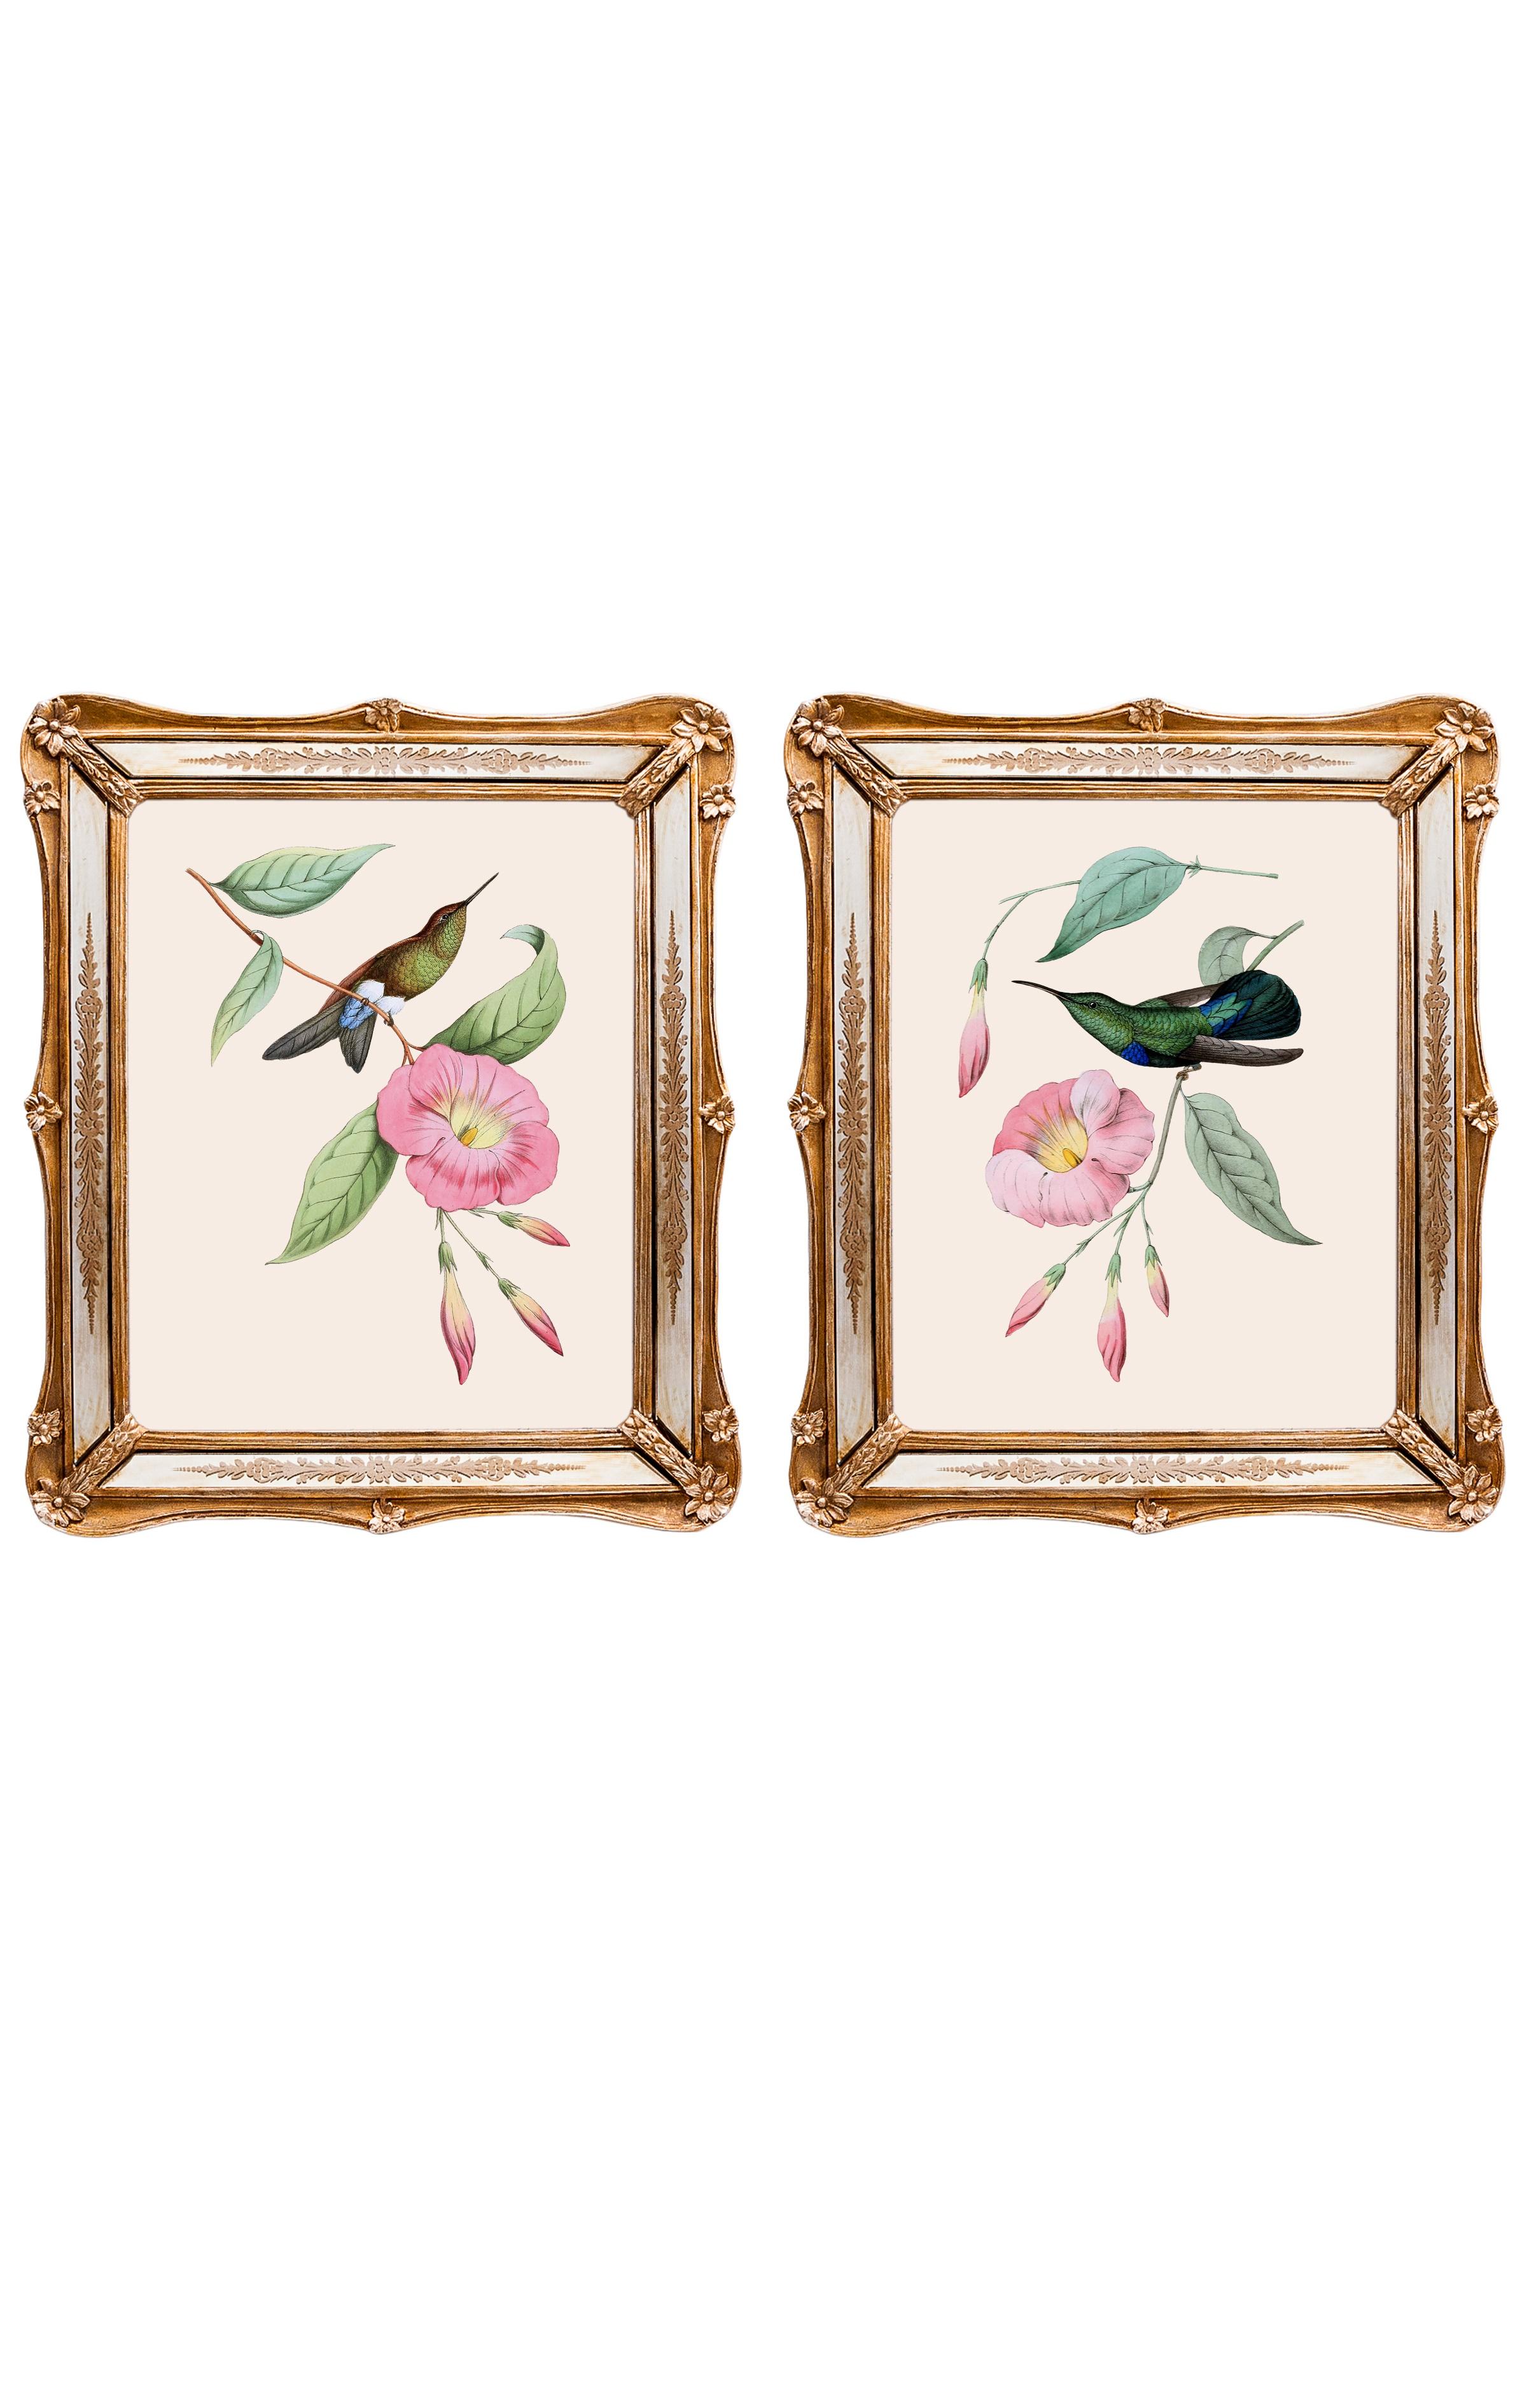 Набор из двух репродукций старинных картин в раме Софи. Дивные птицы 2Картины<br>&amp;lt;div&amp;gt;Репродукции акварелистов 19 века удовлетворят даже самый взыскательный вкус. Как очаровательны эти экзотические птицы! Красота оперения наталкивает на мысль, что это райские создания. Репродукции акварелей, обрамленные в великолепные рамы с зеркальными вставками, созданы удивлять и ежедневно дарить прекрасное настроение. Картины можно повесить на стену, а можно поставить, например, на стол или камин. Защитный стеклянный слой сохранит изображение от воздействий окружающей среды. Если Вам захочется обновить интерьер, Вы можете с легкостью заменить изображение картины!&amp;lt;/div&amp;gt;&amp;lt;div&amp;gt;&amp;lt;br&amp;gt;&amp;lt;/div&amp;gt;&amp;lt;div&amp;gt;Изображение - дизайнерская бумага; рама - искуственный камень, зеркальные вставки; защитный слой - стекло&amp;amp;nbsp;&amp;lt;/div&amp;gt;&amp;lt;div&amp;gt;цвет:мультиколор&amp;lt;/div&amp;gt;<br><br>Material: Бумага<br>Width см: 26,5<br>Depth см: 2<br>Height см: 30,5